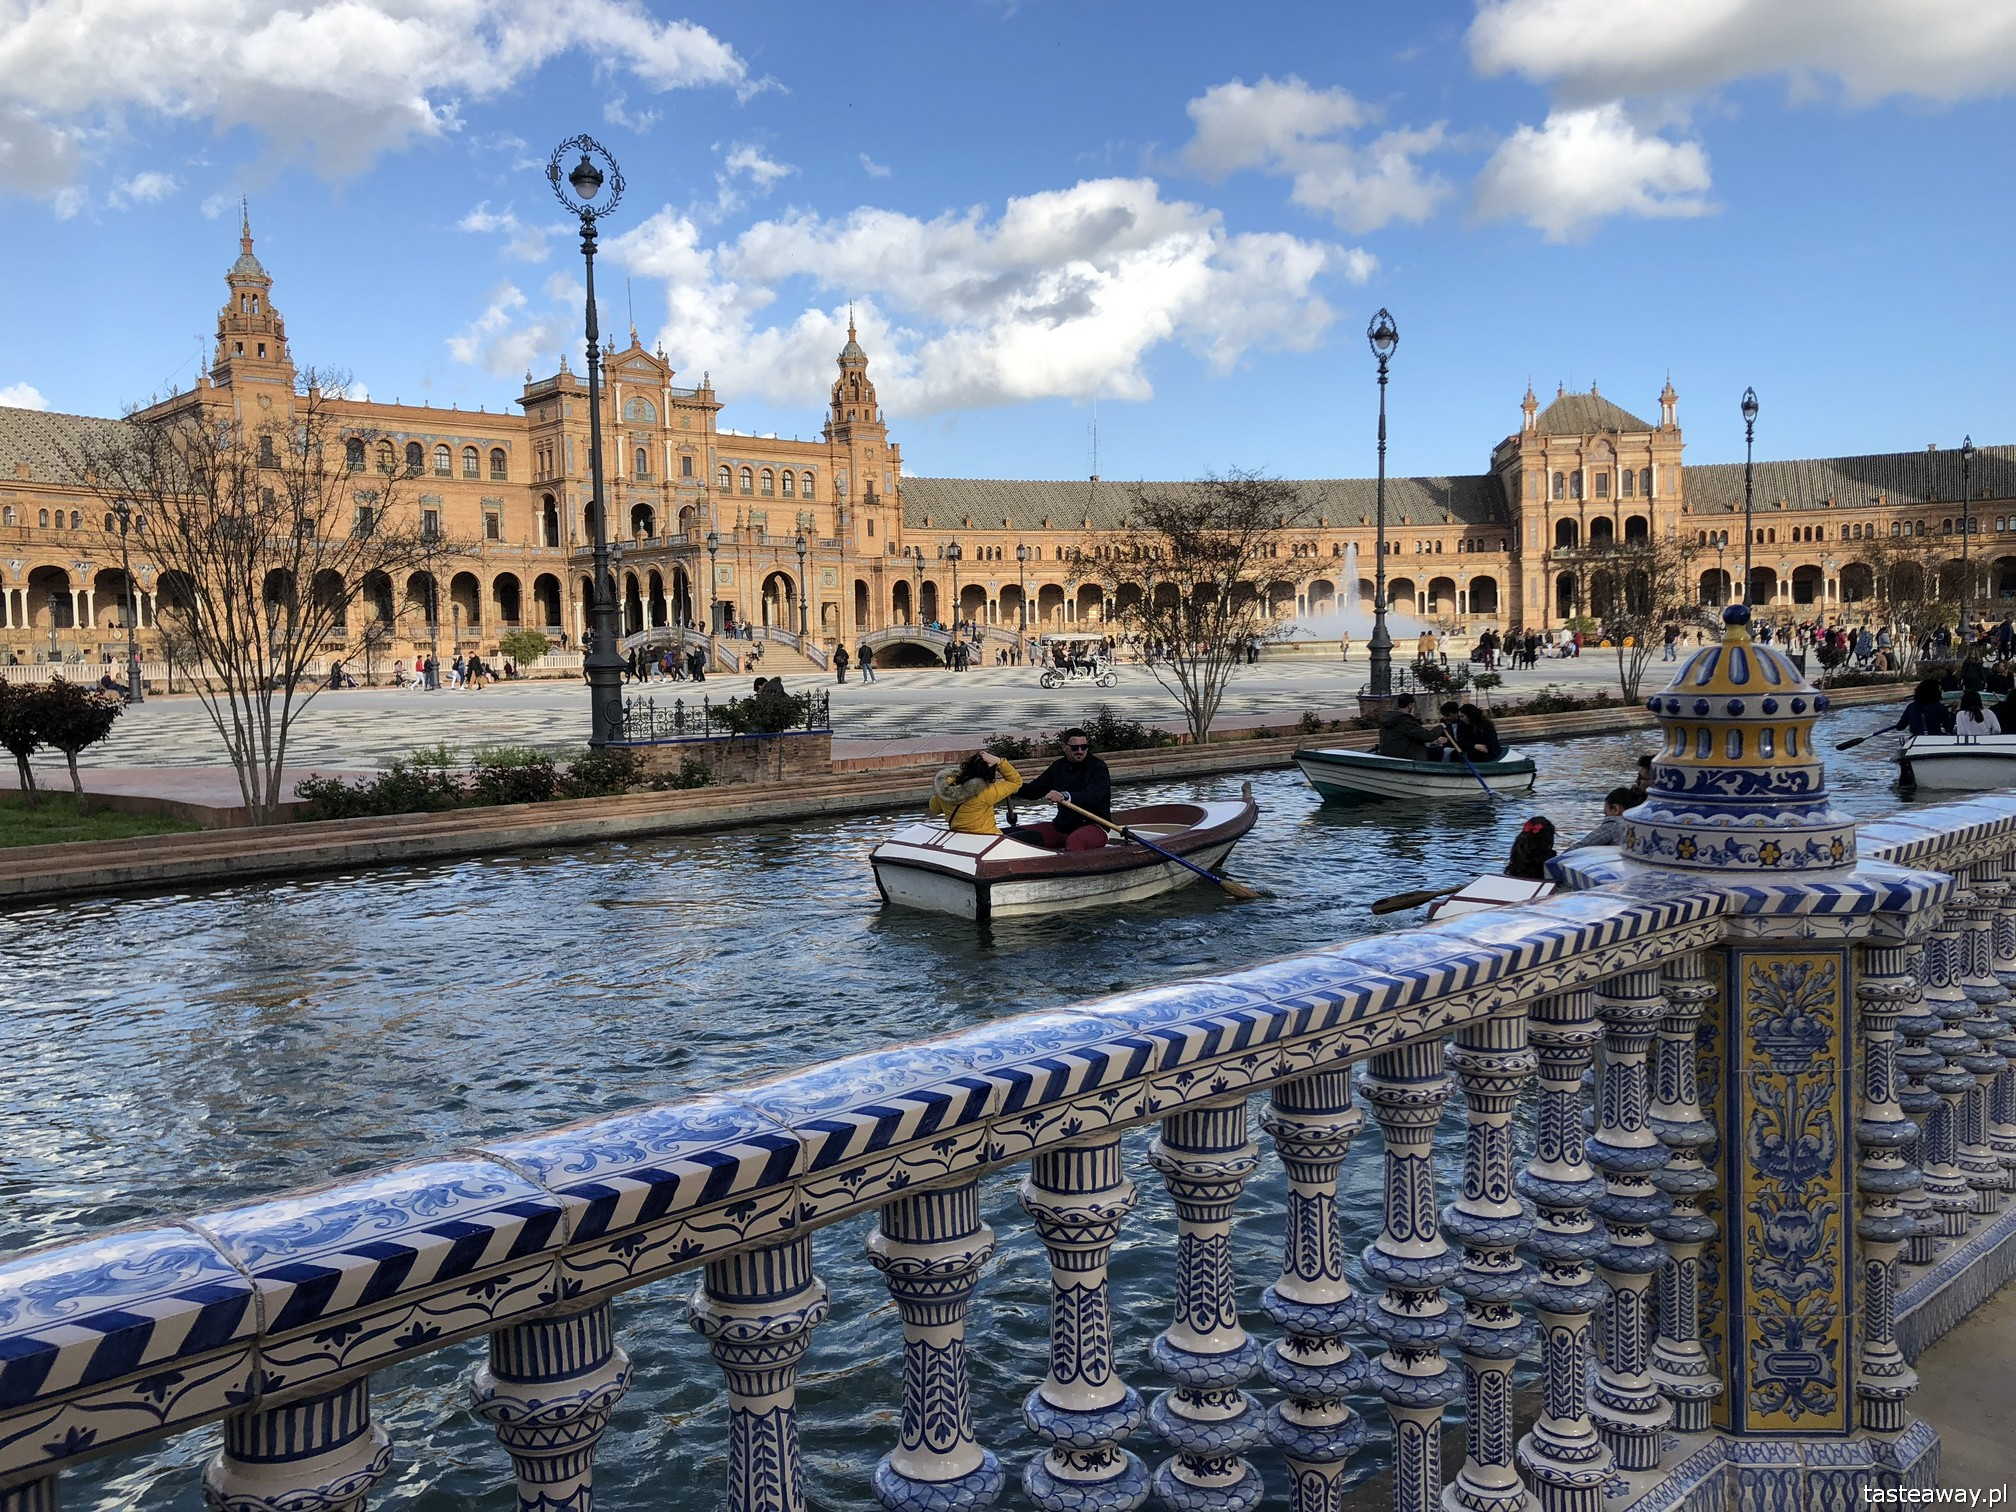 Sewilla, Sevilla, co zobaczyć w Sewilli, Sevilla w jeden dzień, Andaluzja, miasta Hiszpanii, spacer po Sevilli, Plac Hiszpański, Plaza de Espana, największe atrakcje Sevilli